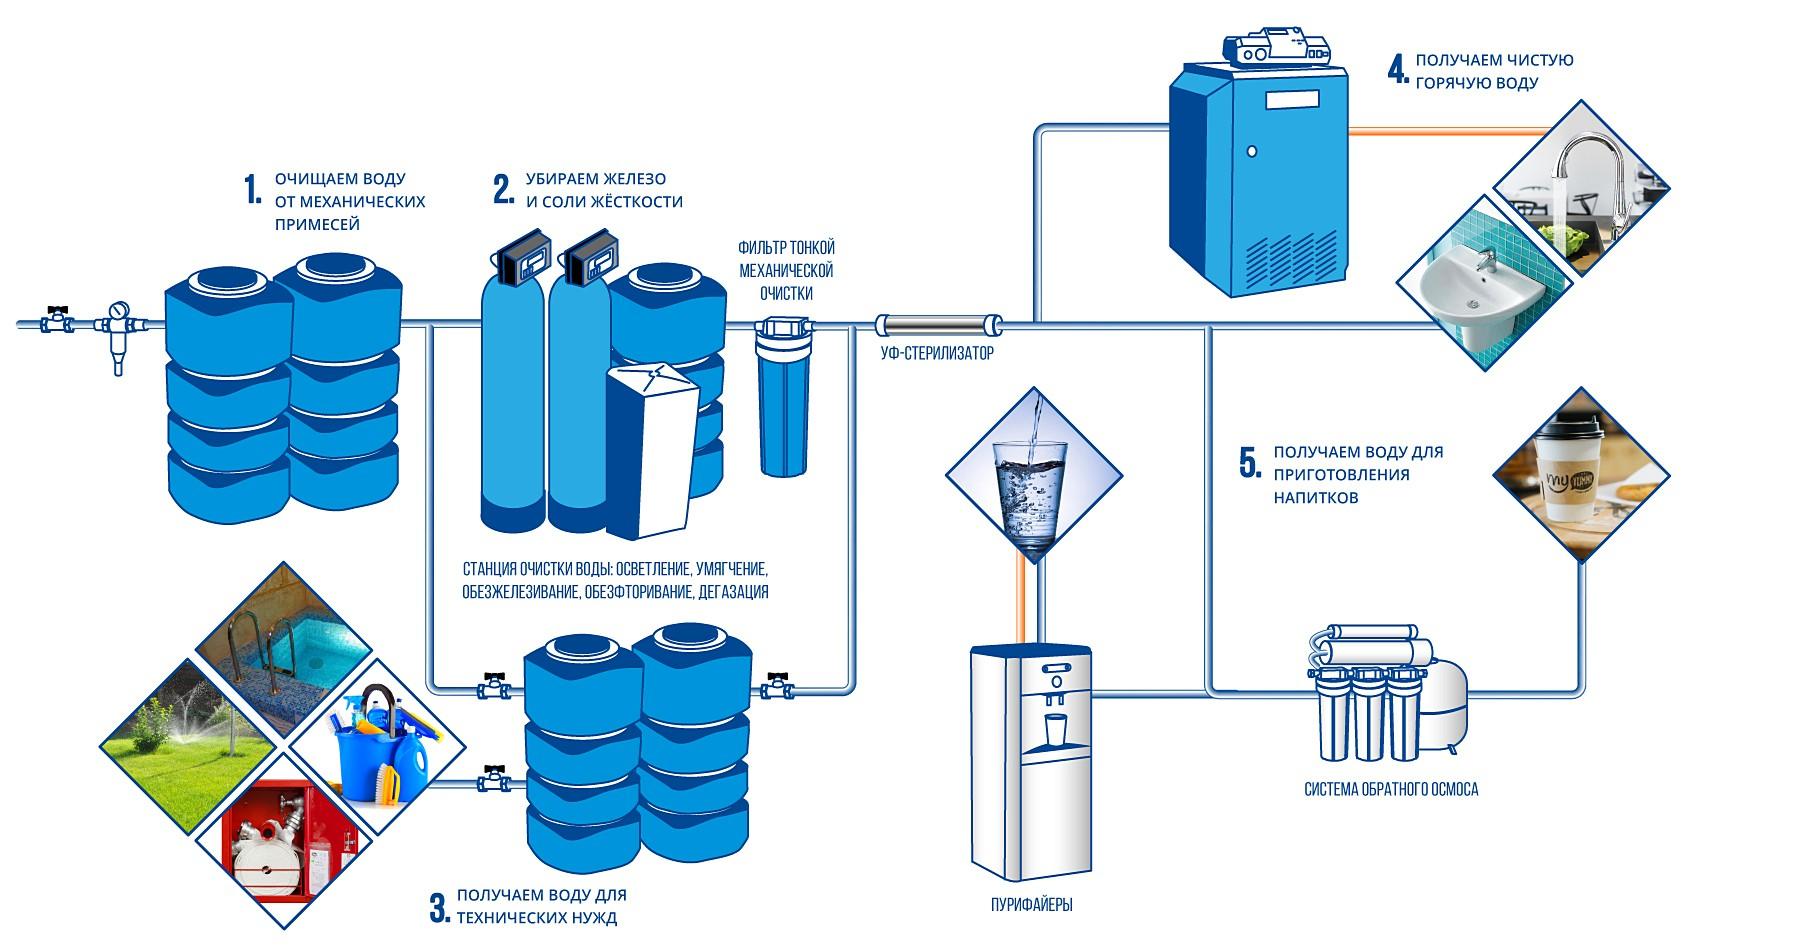 Схема водоснабжения и водоподготовки спортивных и оздоровительных объектов